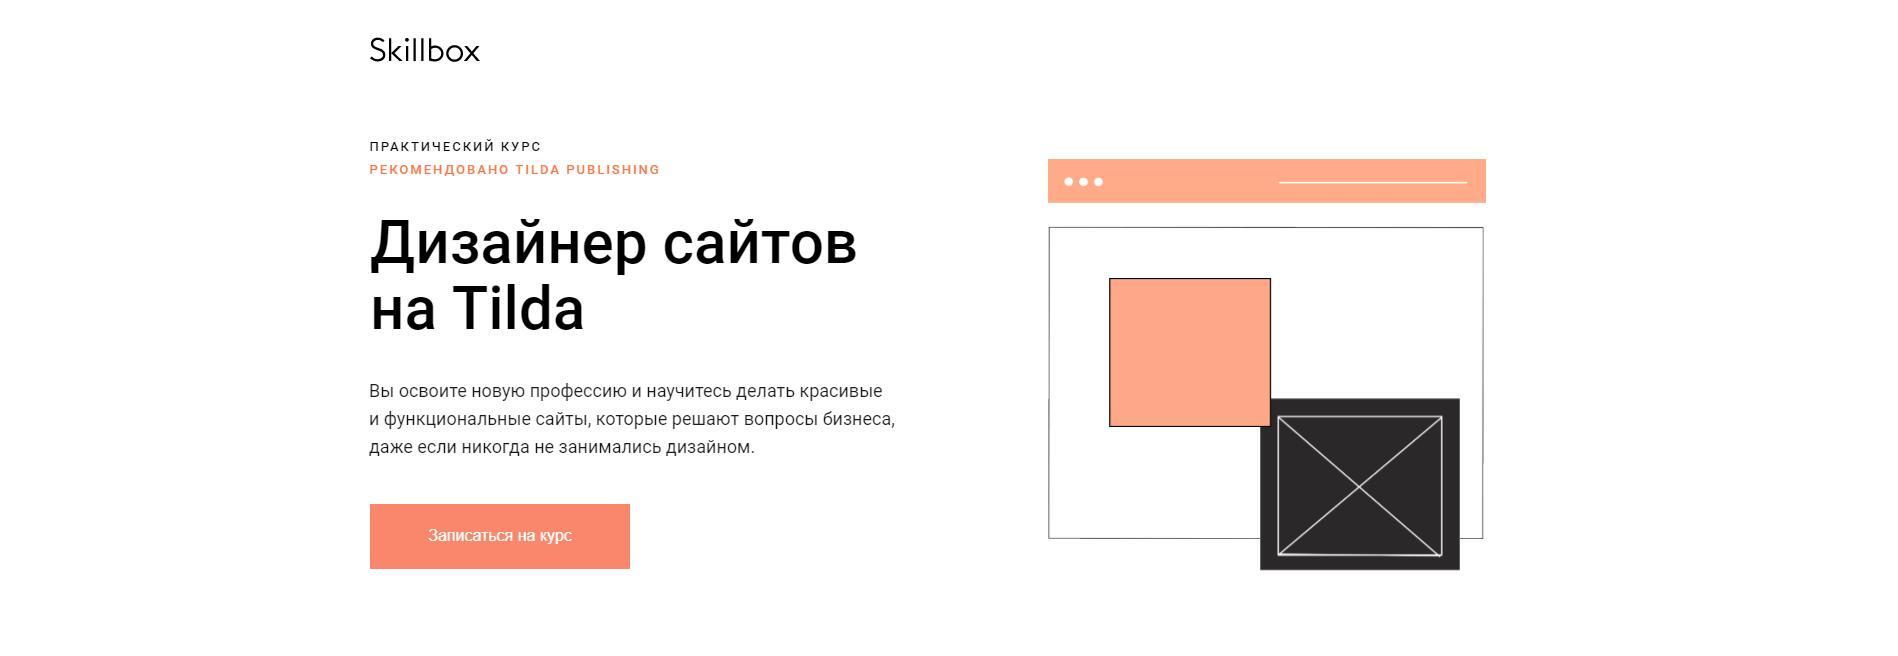 Курс «Дизайнер сайтов на Tilda» от Skillbox.